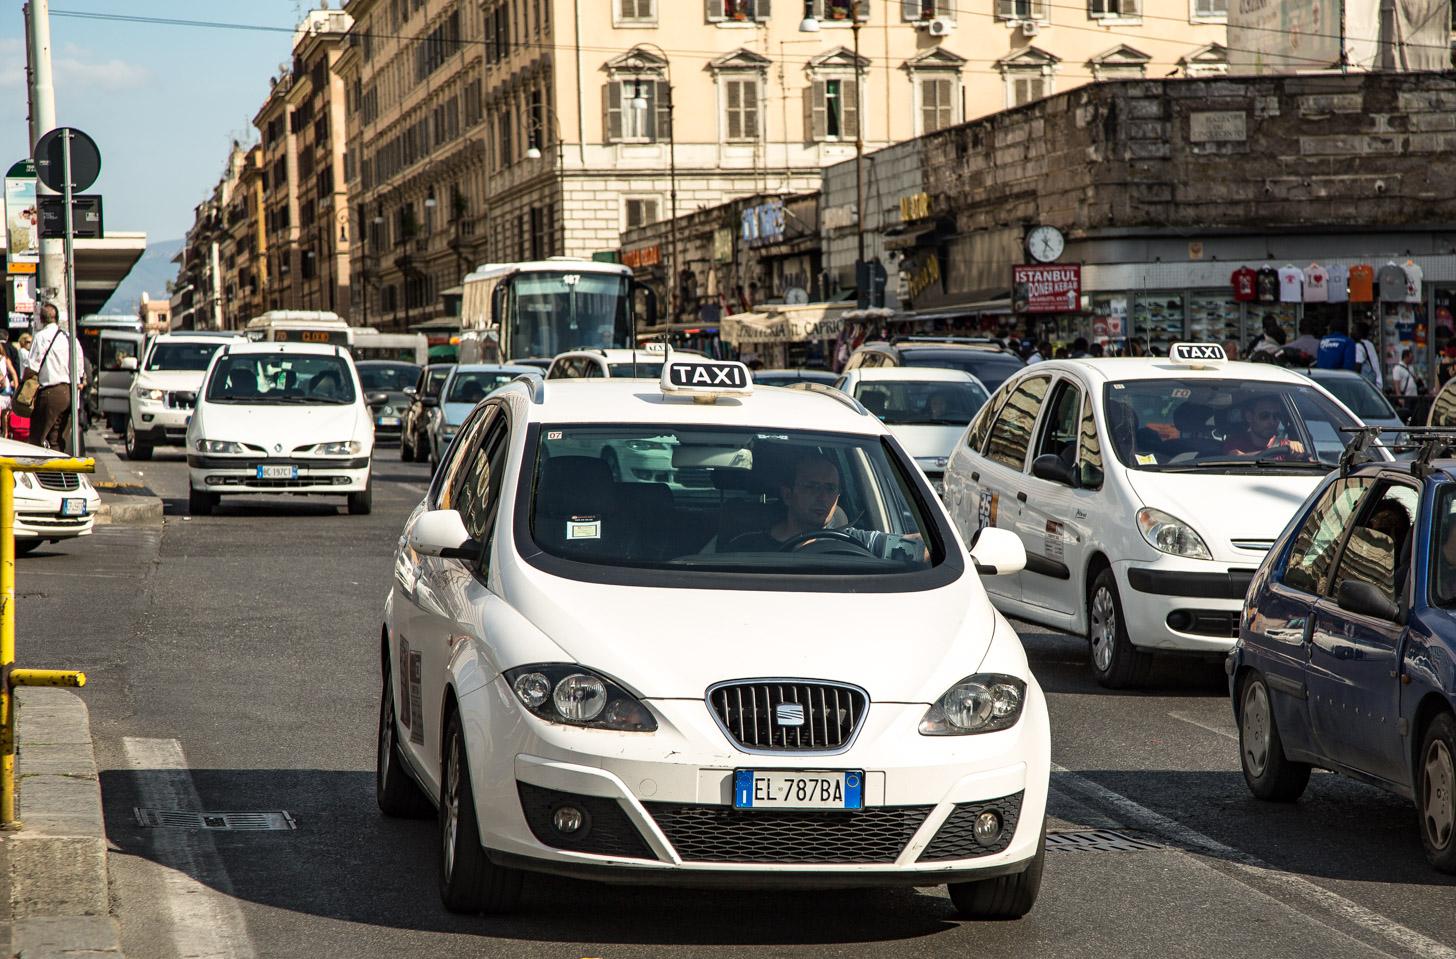 De officiële taxi's van Rome zijn wit.